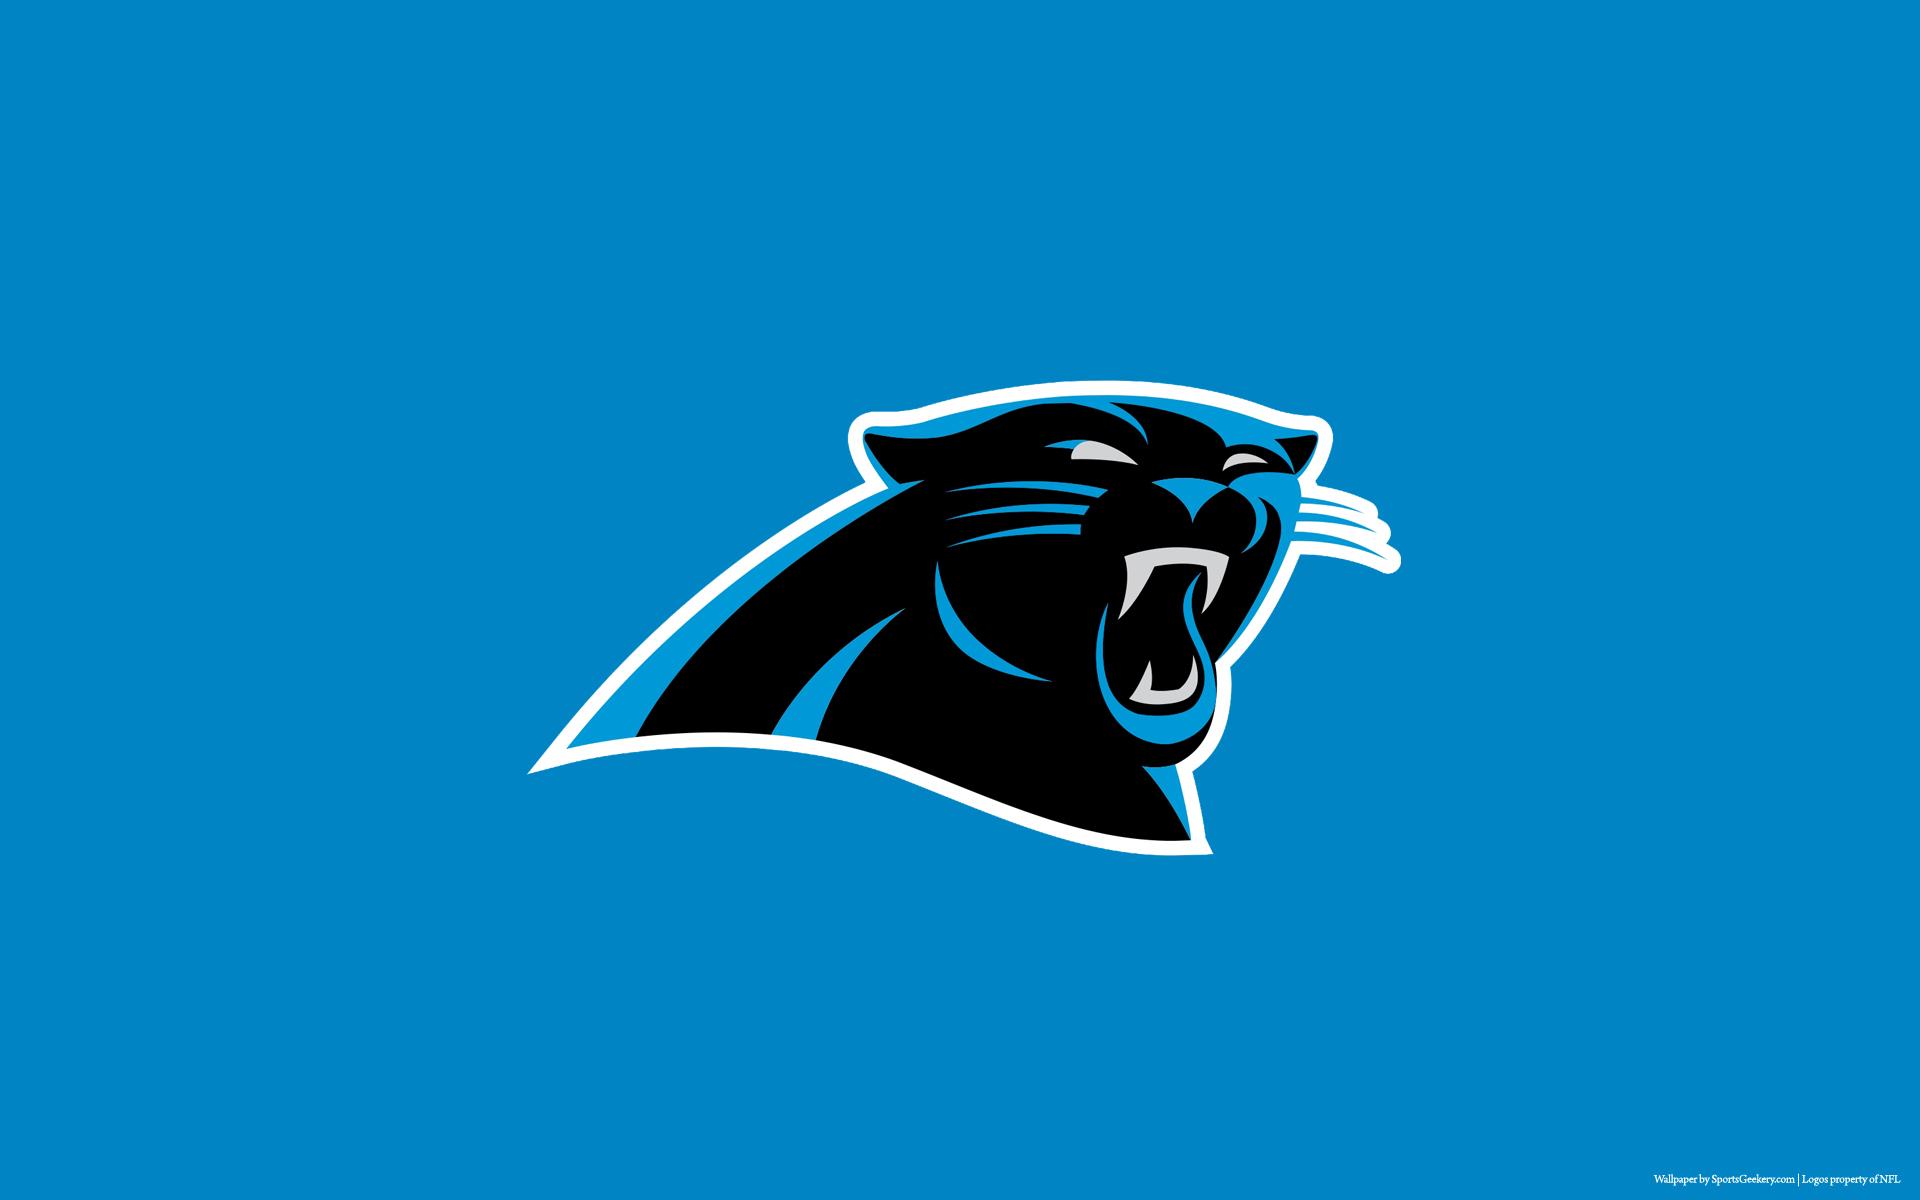 Wallpaper Illustration Logo Cartoon American Football Brand